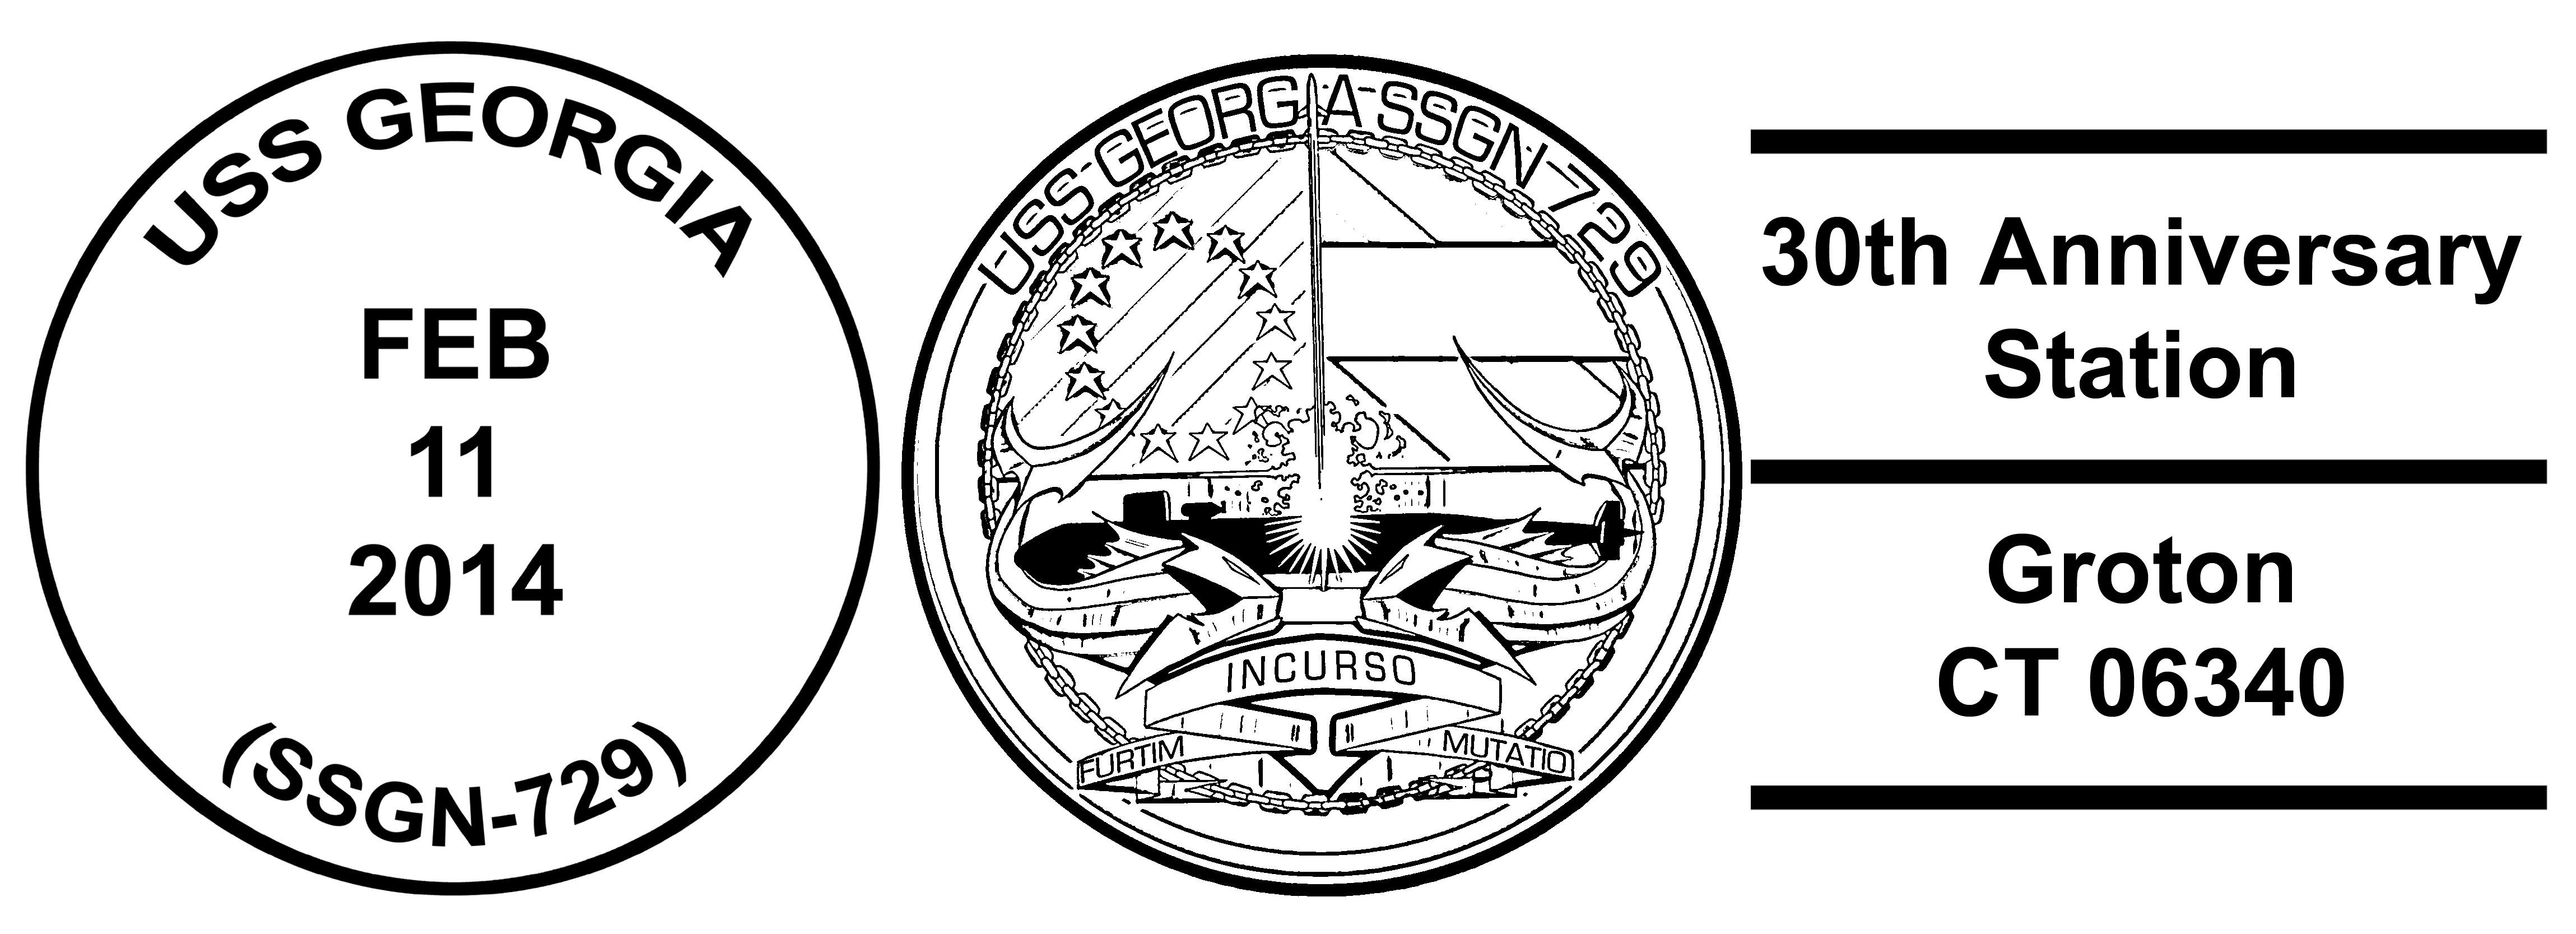 Sonderpoststempel USS GEORGIA SSGN-729 30 Jahre im DienstDesign: Wolfgang Hechler